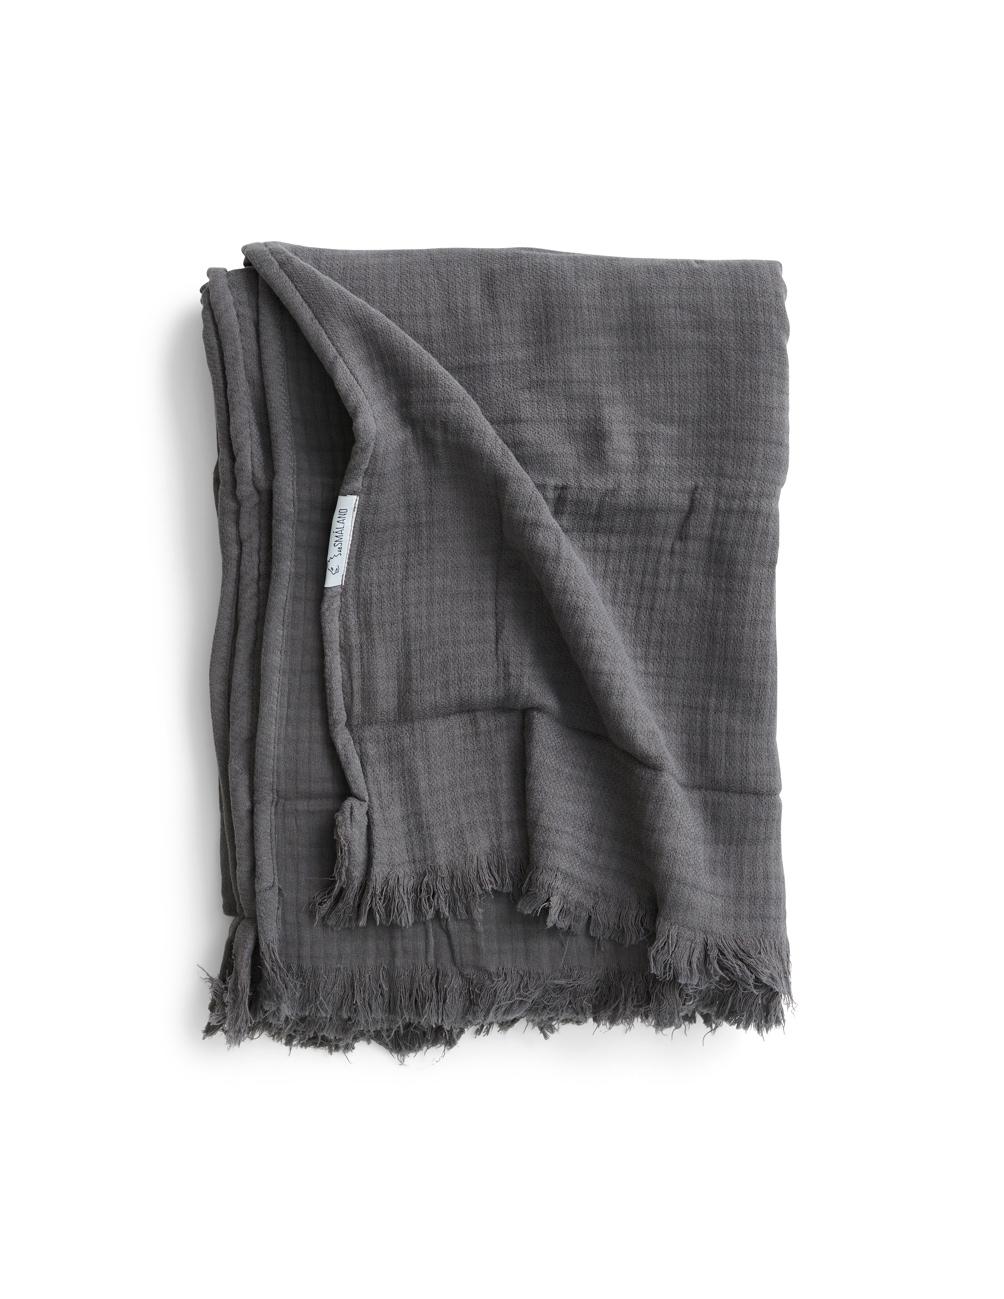 Bedspread Muslin Dark Grey